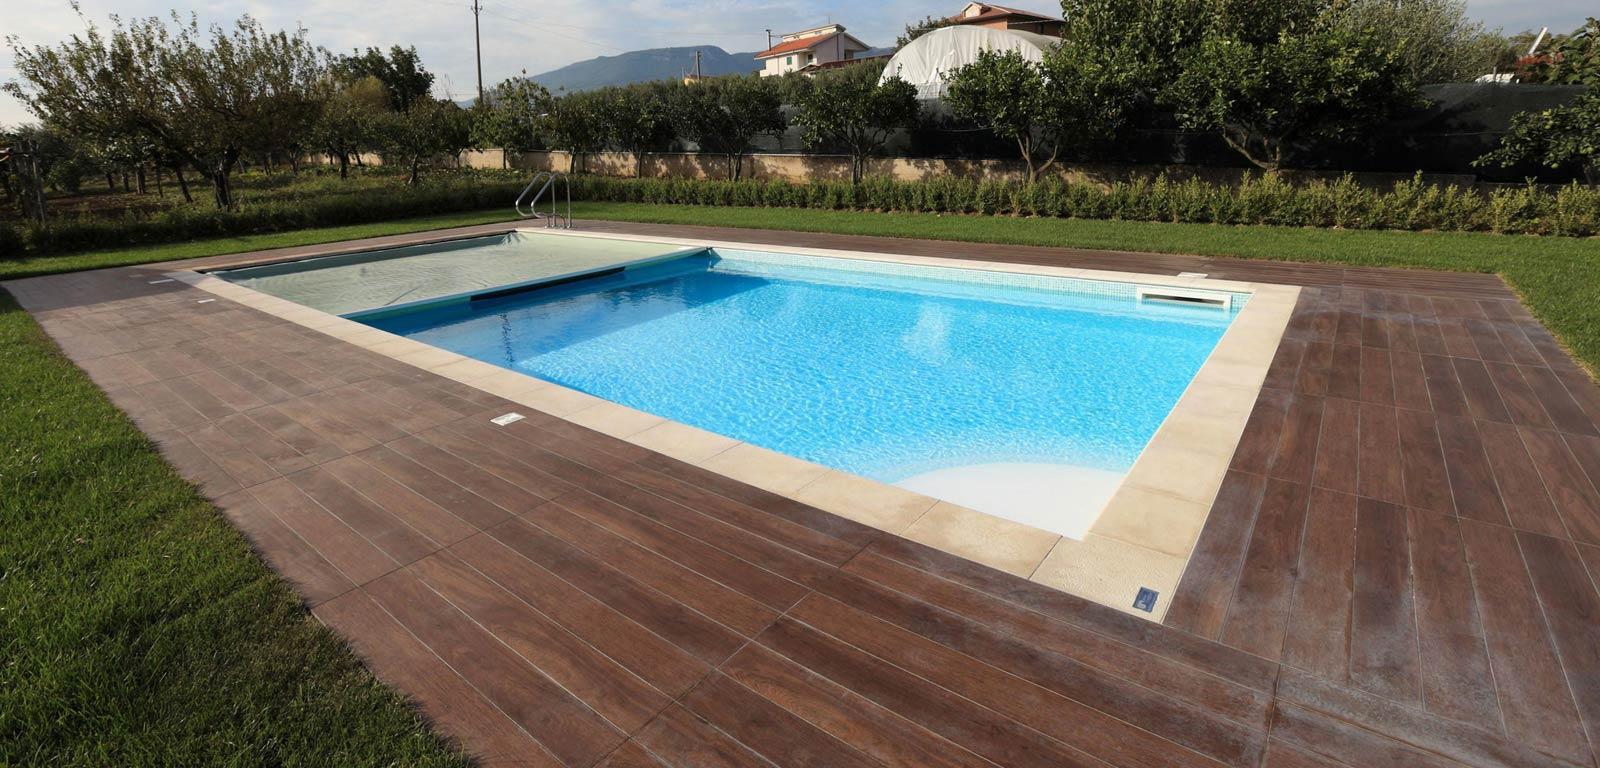 Piscina Su Terreno In Pendenza piscine interrate terni bordo sfioro cascata